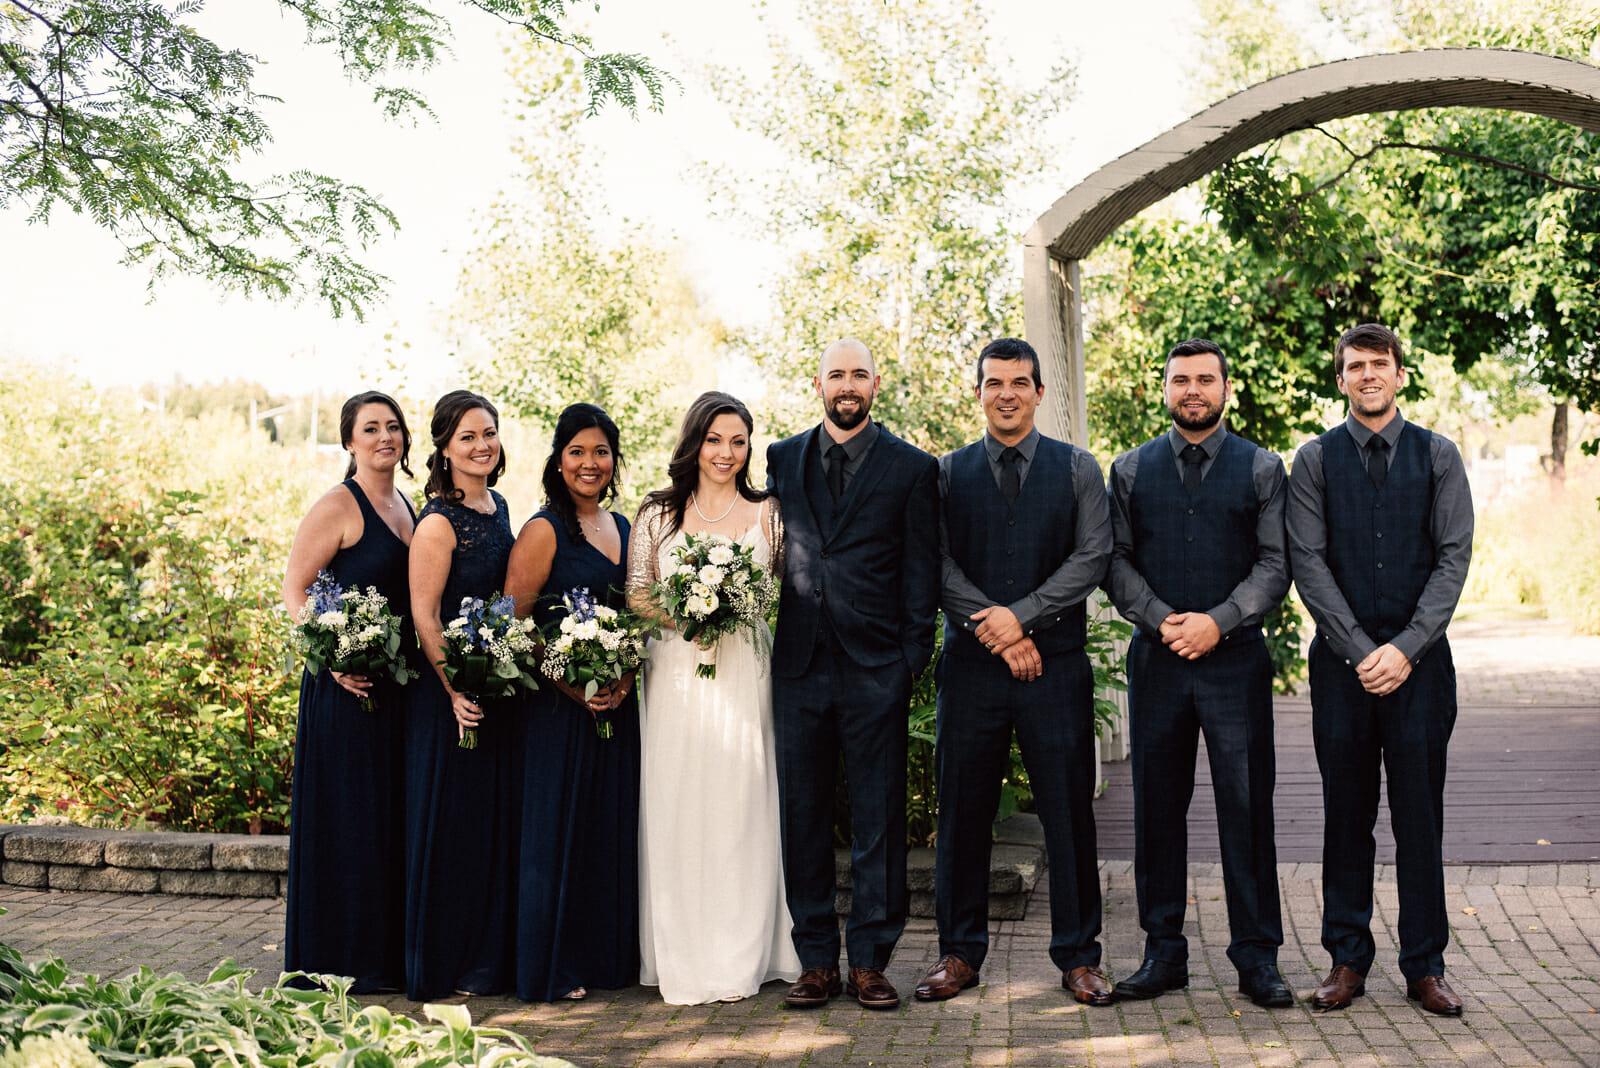 wedding party photos at nottawasaga inn alliston